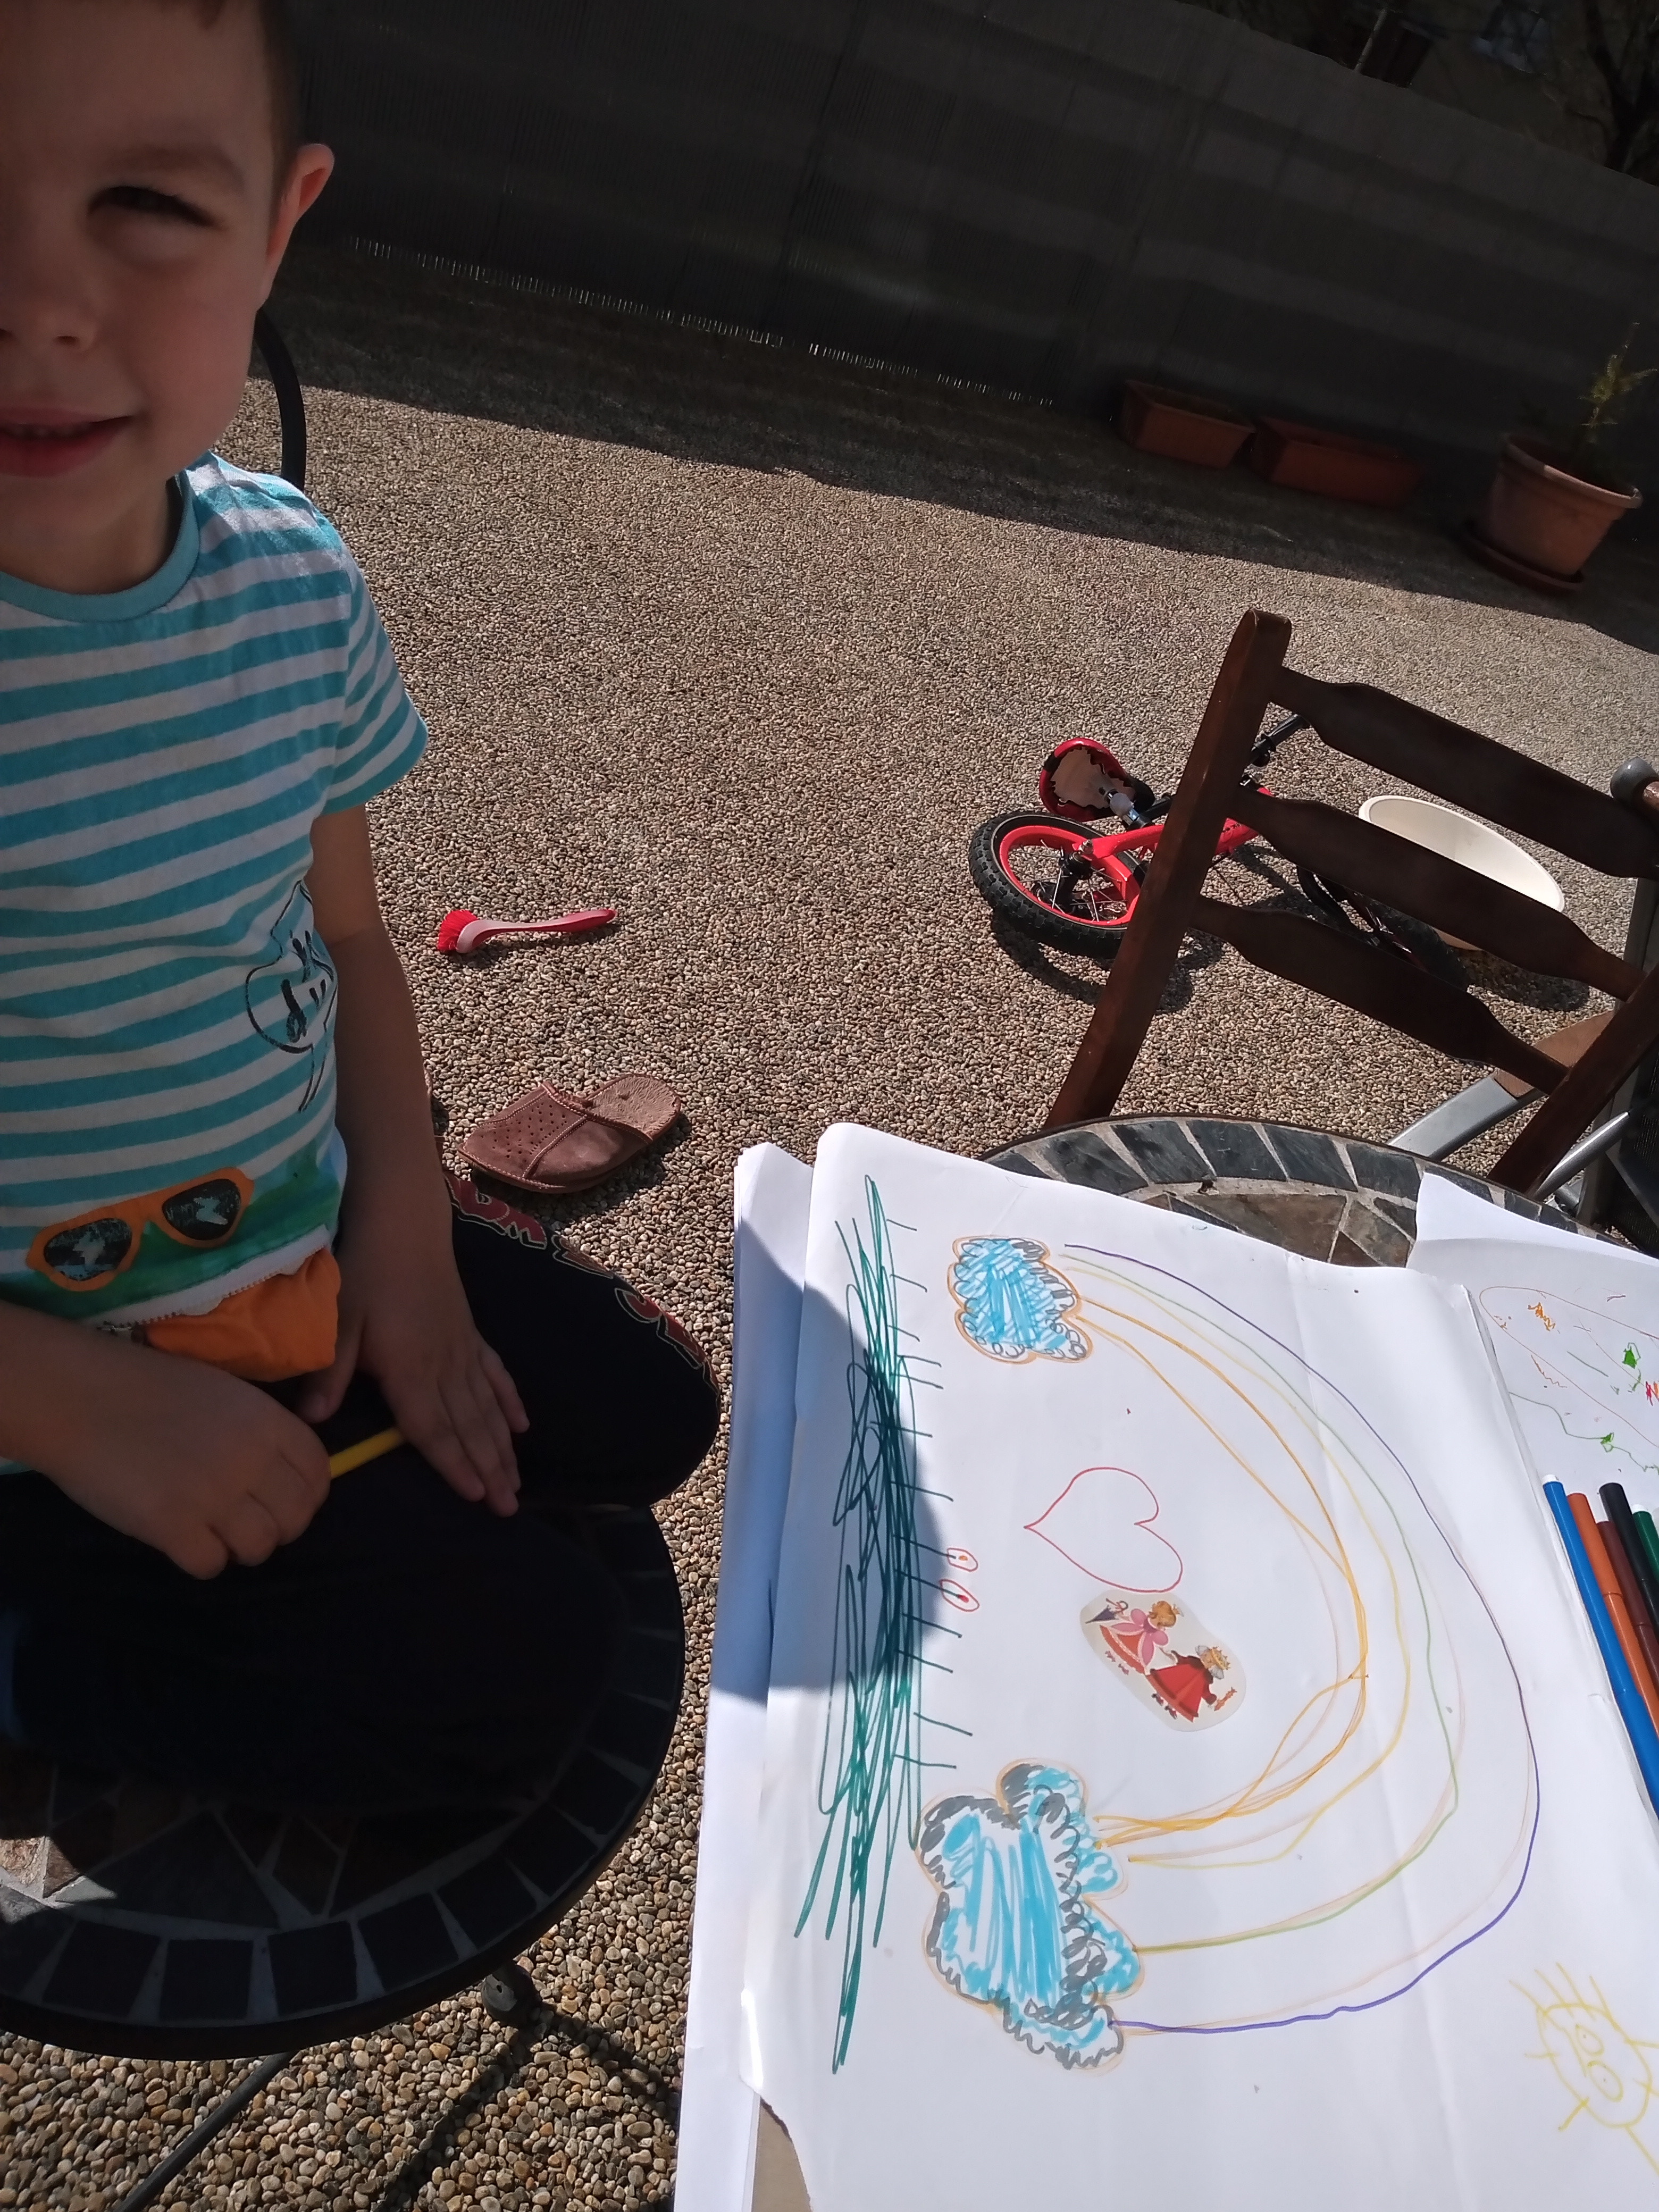 Aj na slniečku sa dajú plniť aktivity :-) Marek z triedy MARGARÉTKY usilovne pracuje